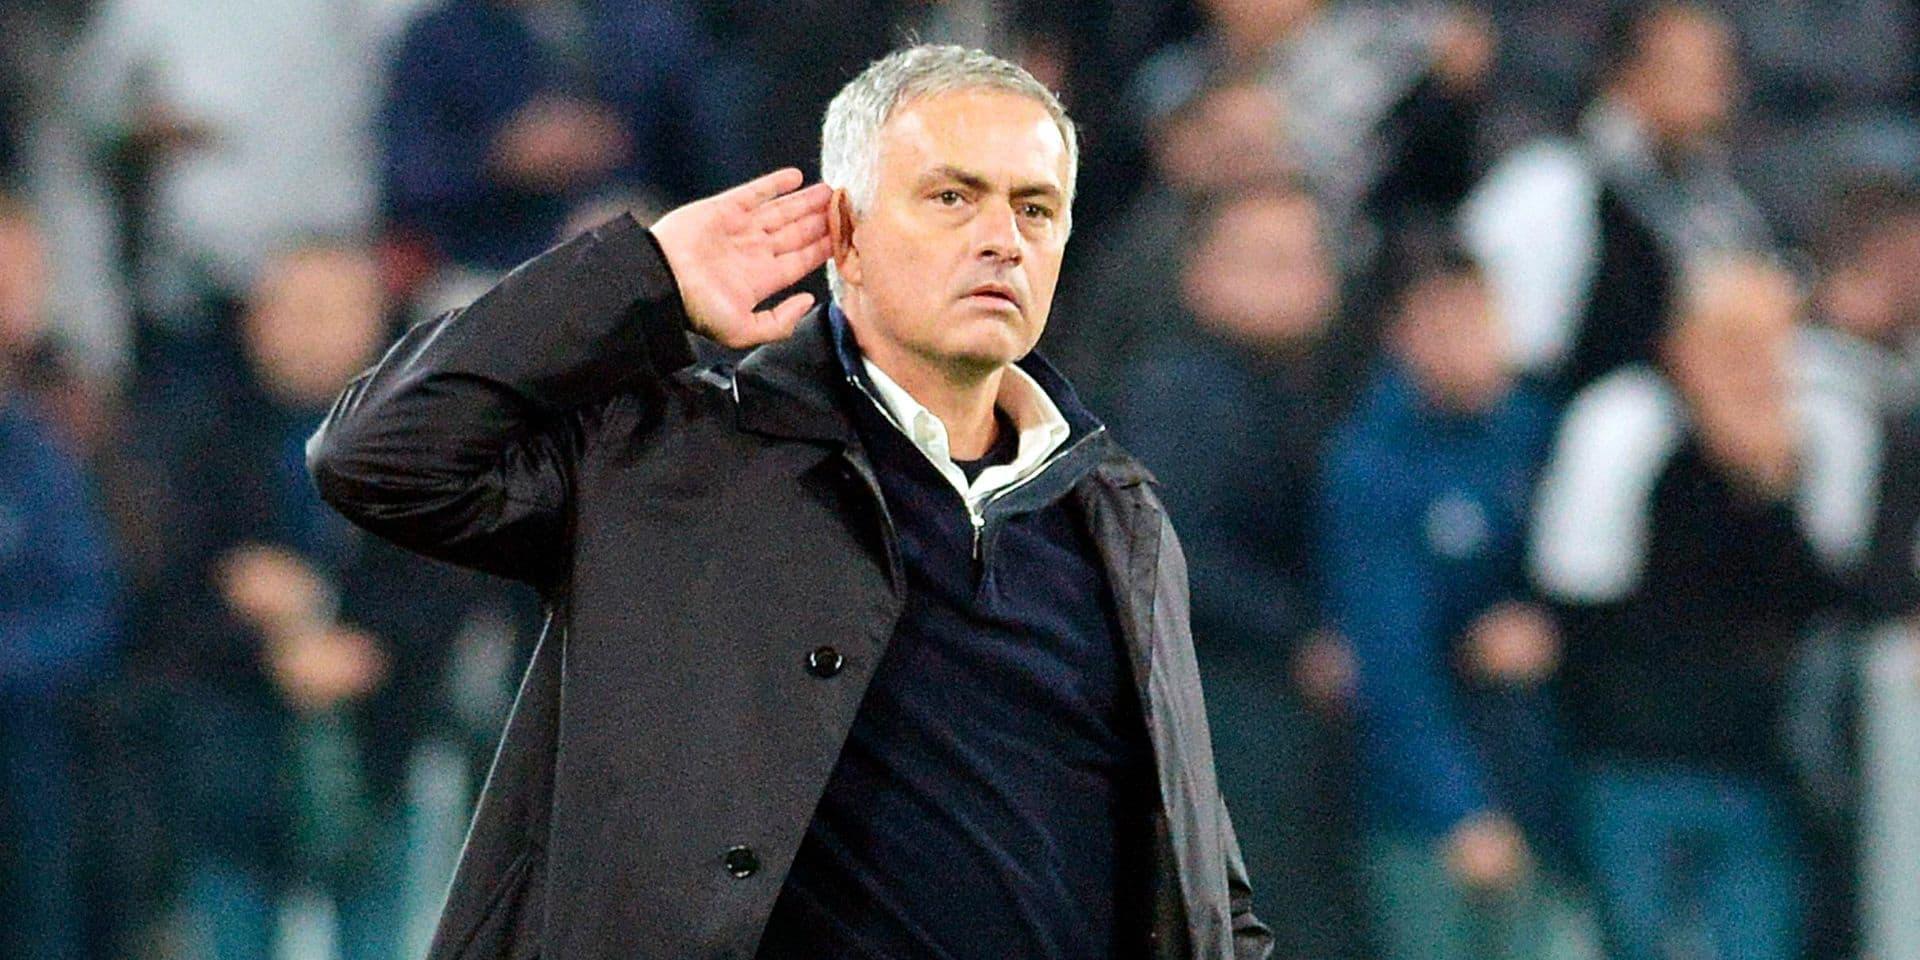 Mourinho à ManU: un mariage de raison qui n'a jamais vraiment été consommé